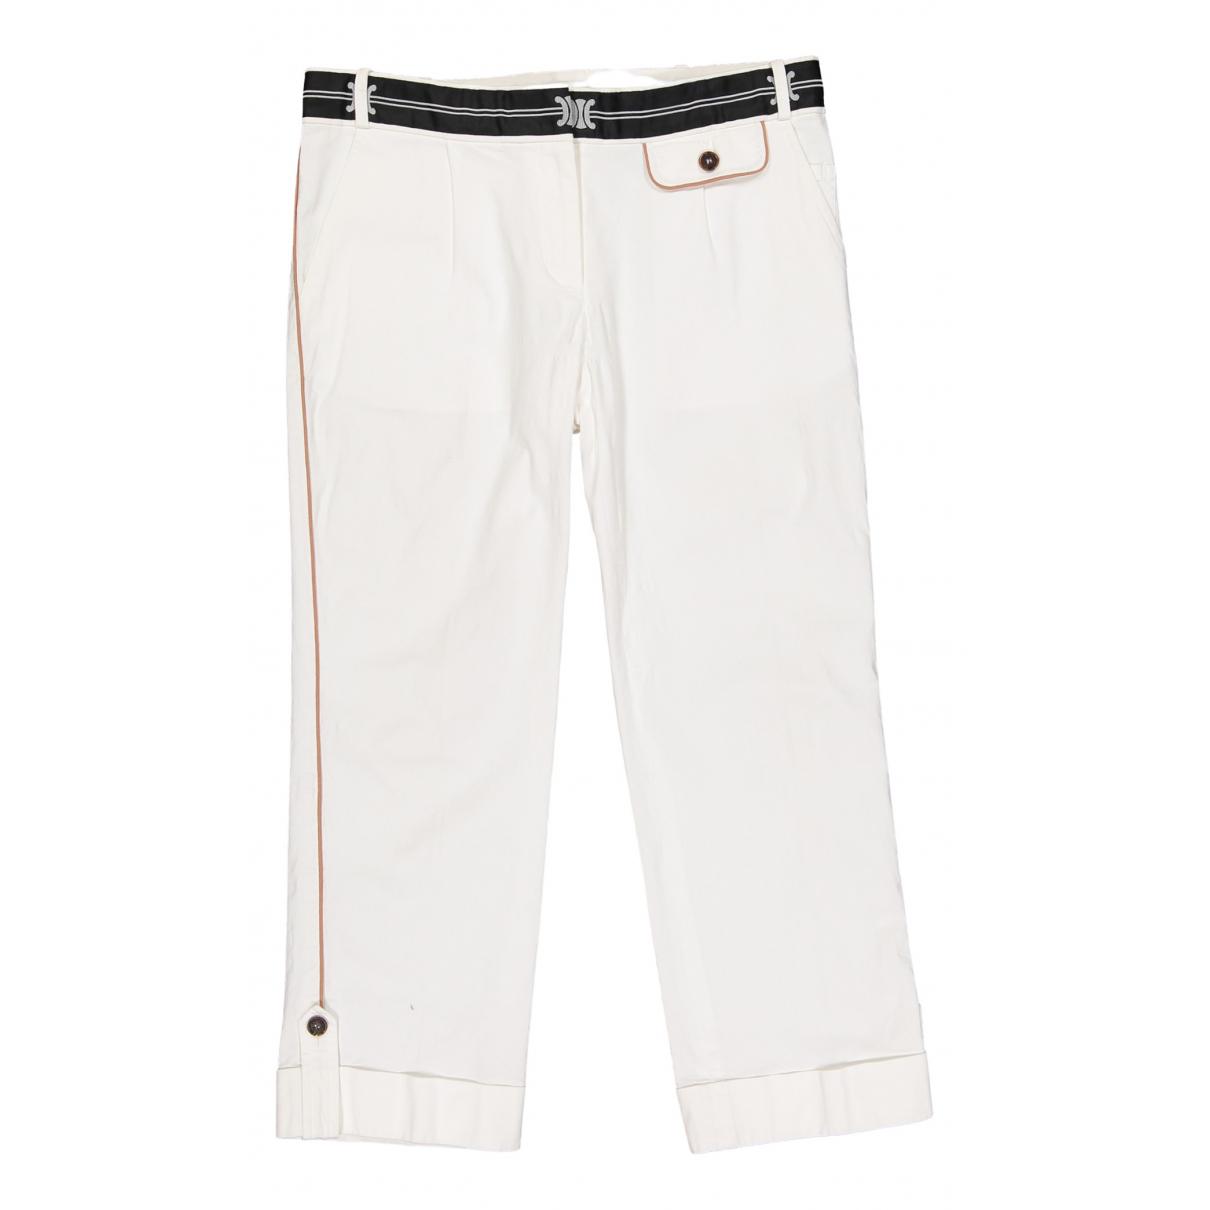 Pantalon de traje Celine